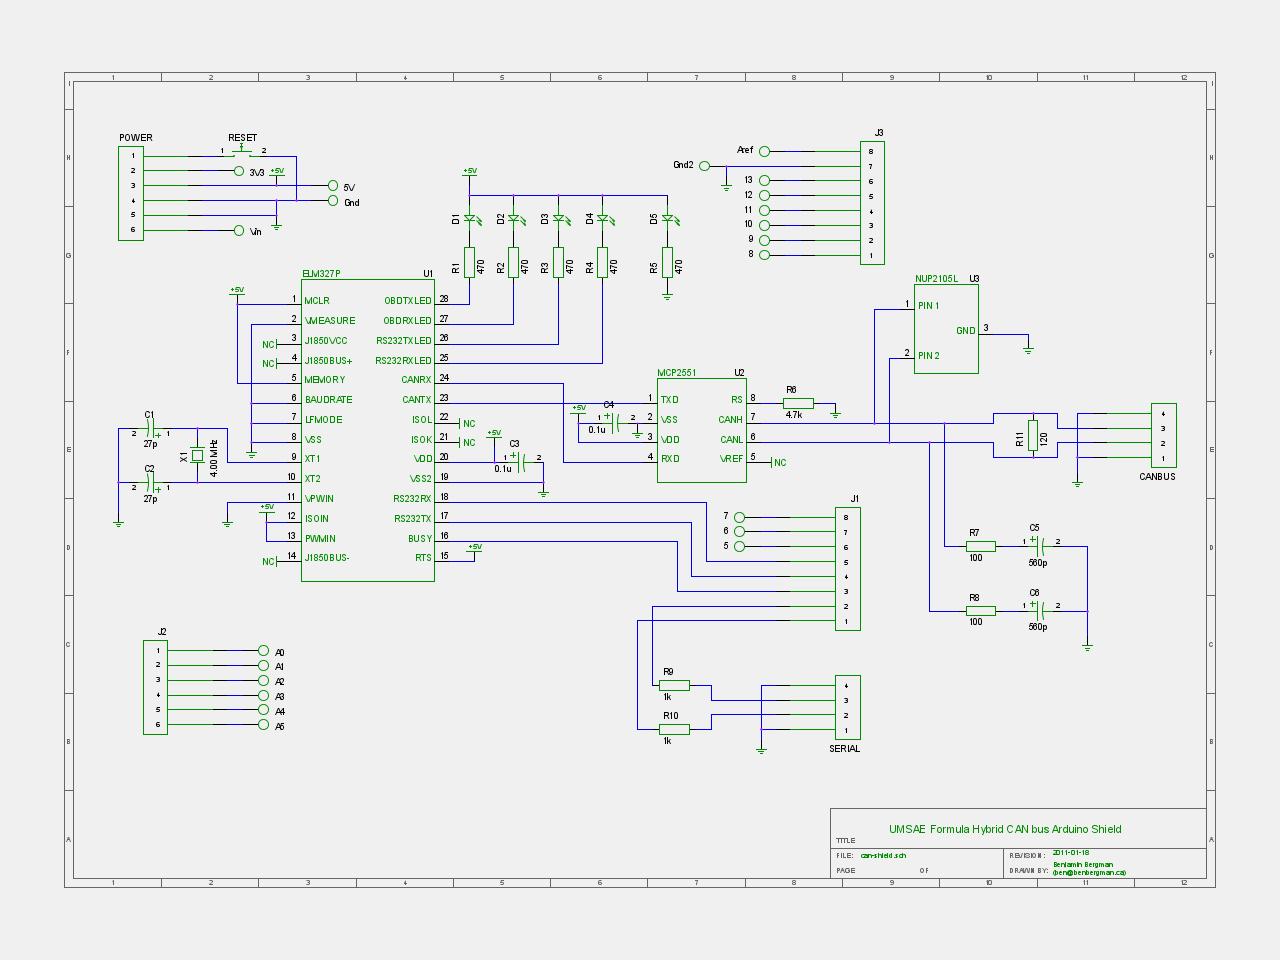 Bus Controller Schematic Illustration Of Wiring Diagram Can Ben S Blog University Manitoba Sae Formula Hybrid Rh Benbergman Ca Bluebird Schematics